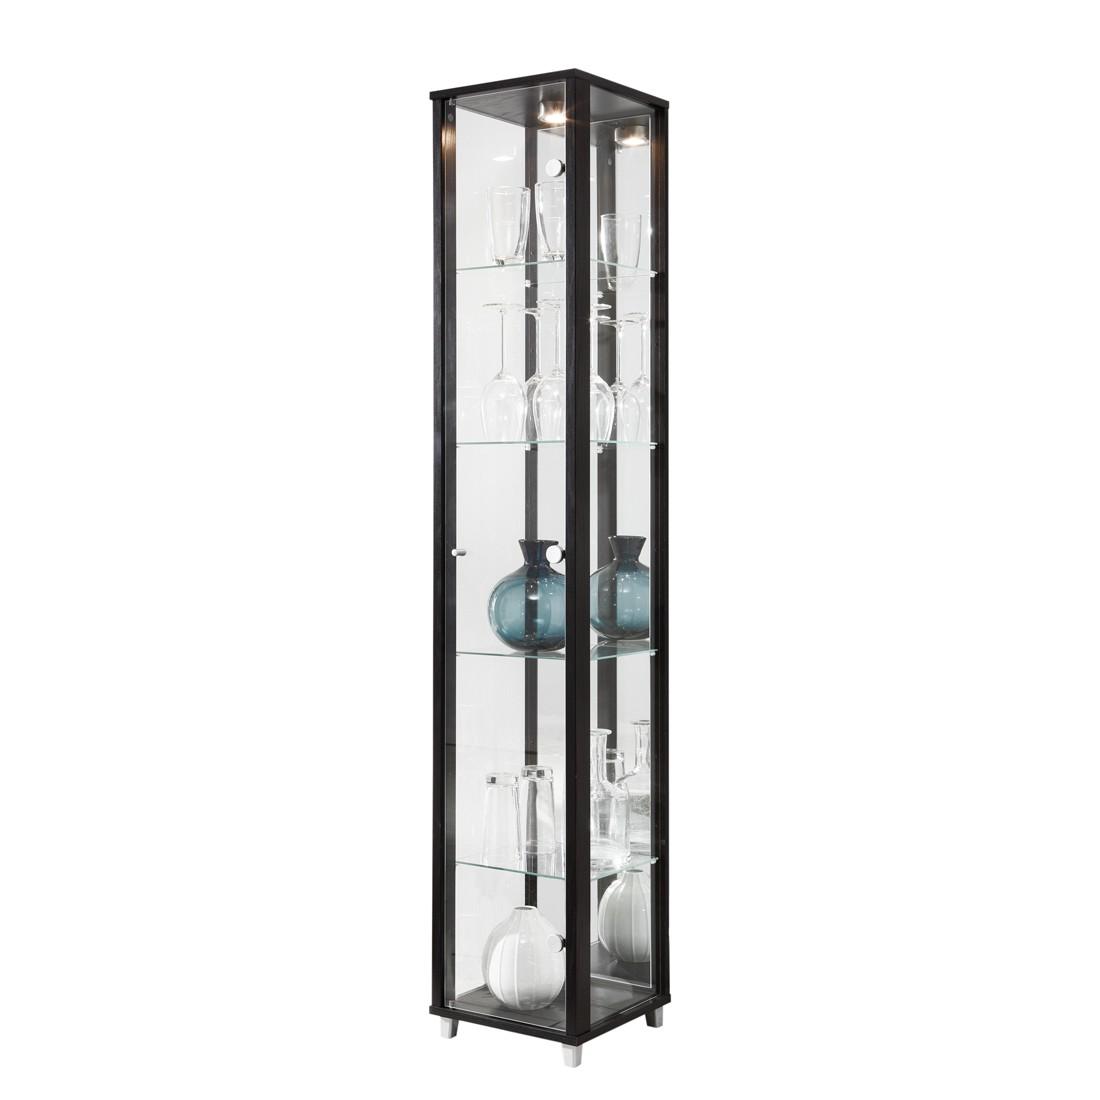 energie  B, Vitrinekast Exhibit I - met spiegelwand - transparant glas/zwart - 5 vakken - Zwart, Modoform